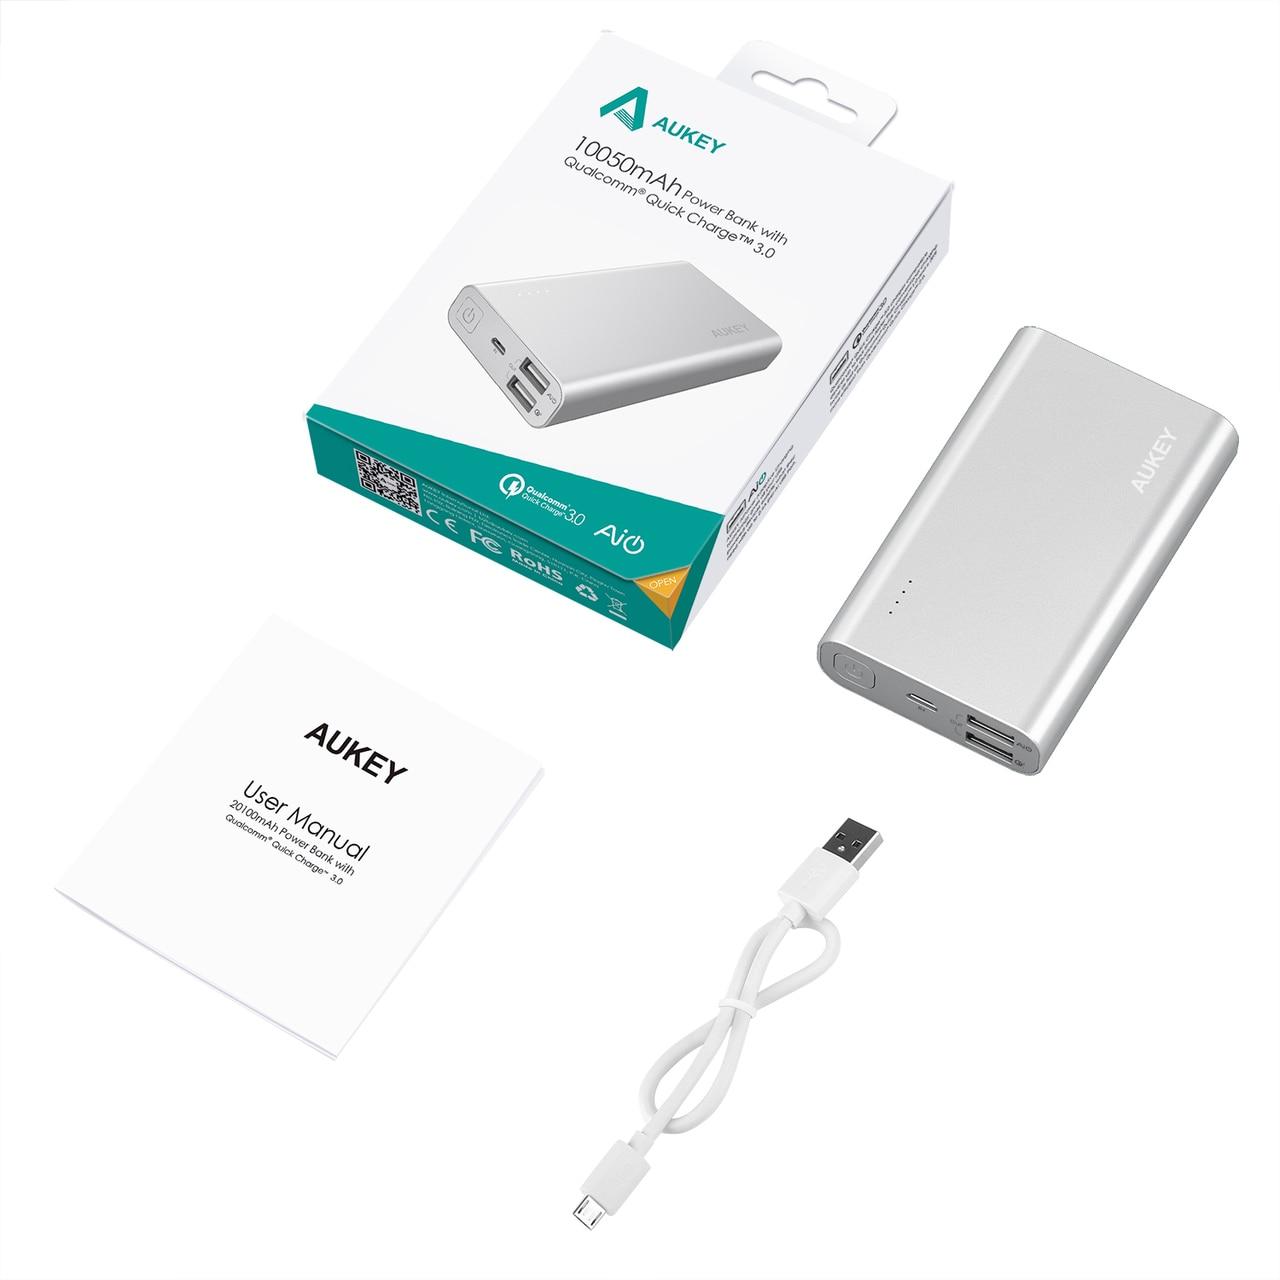 AUKEY 10050 mAh Quick Charging 3.0 Powerbank - PB-AT10 - Silver